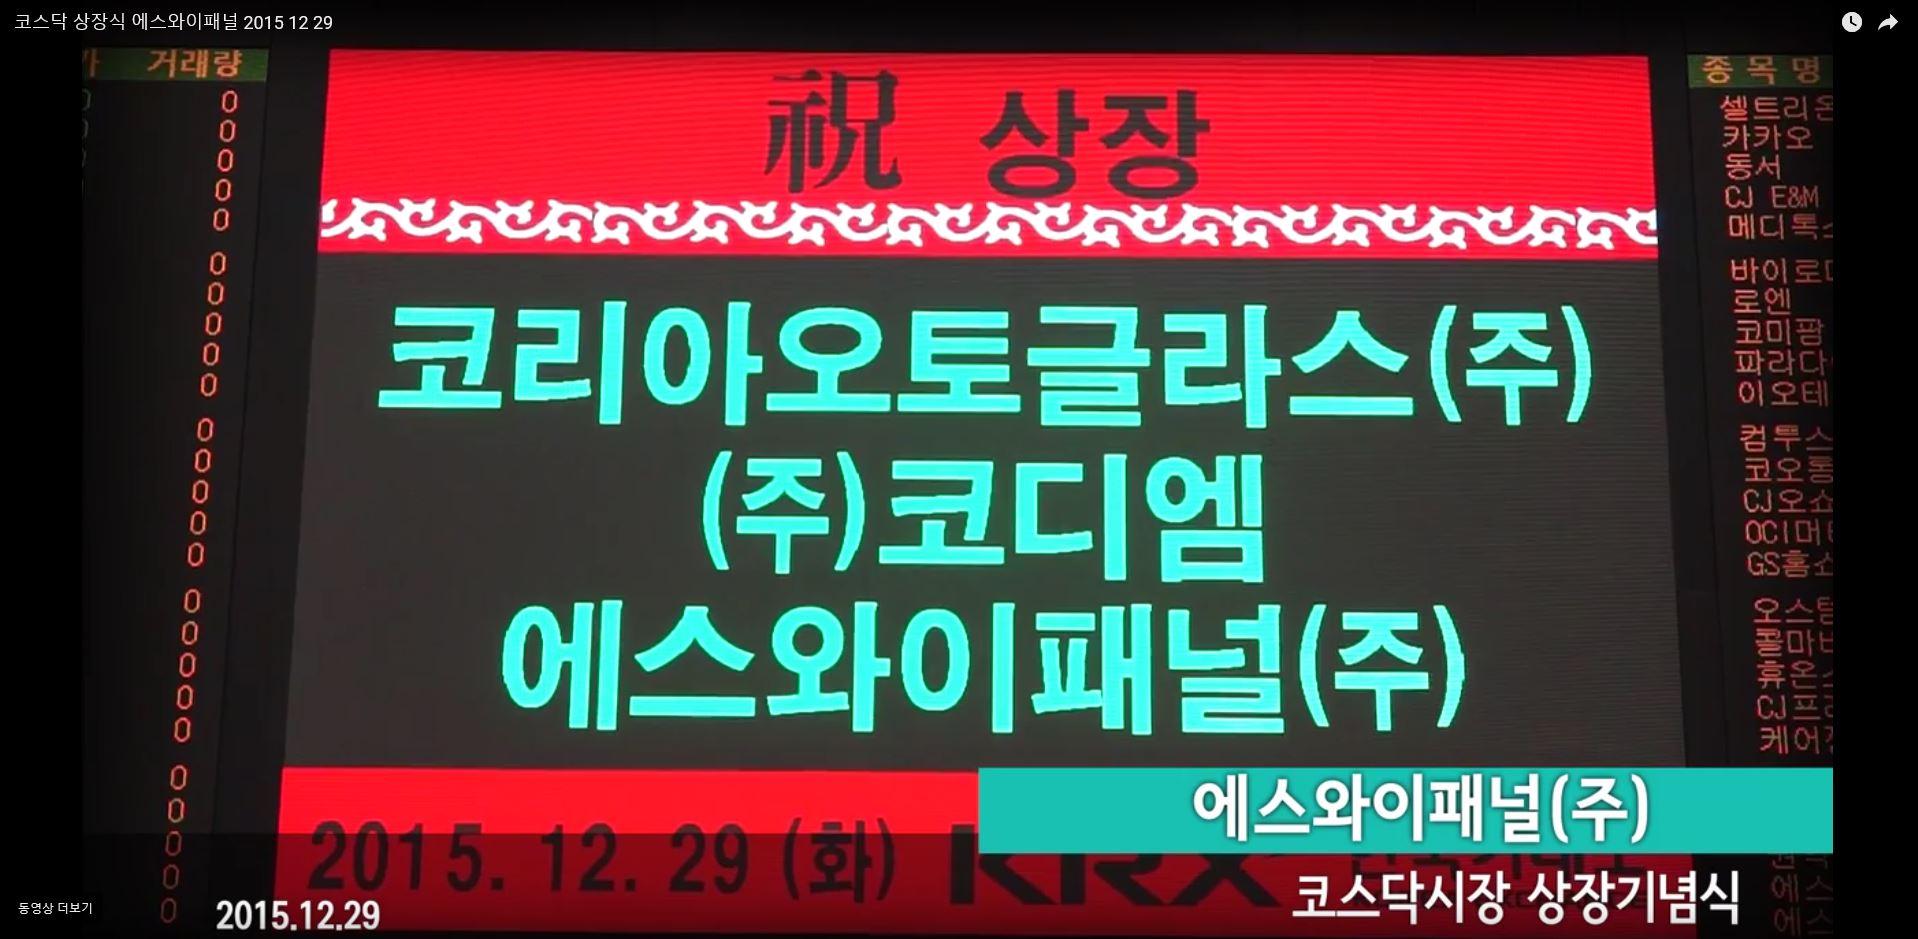 20151229에스와이패널 코스닥 상장식